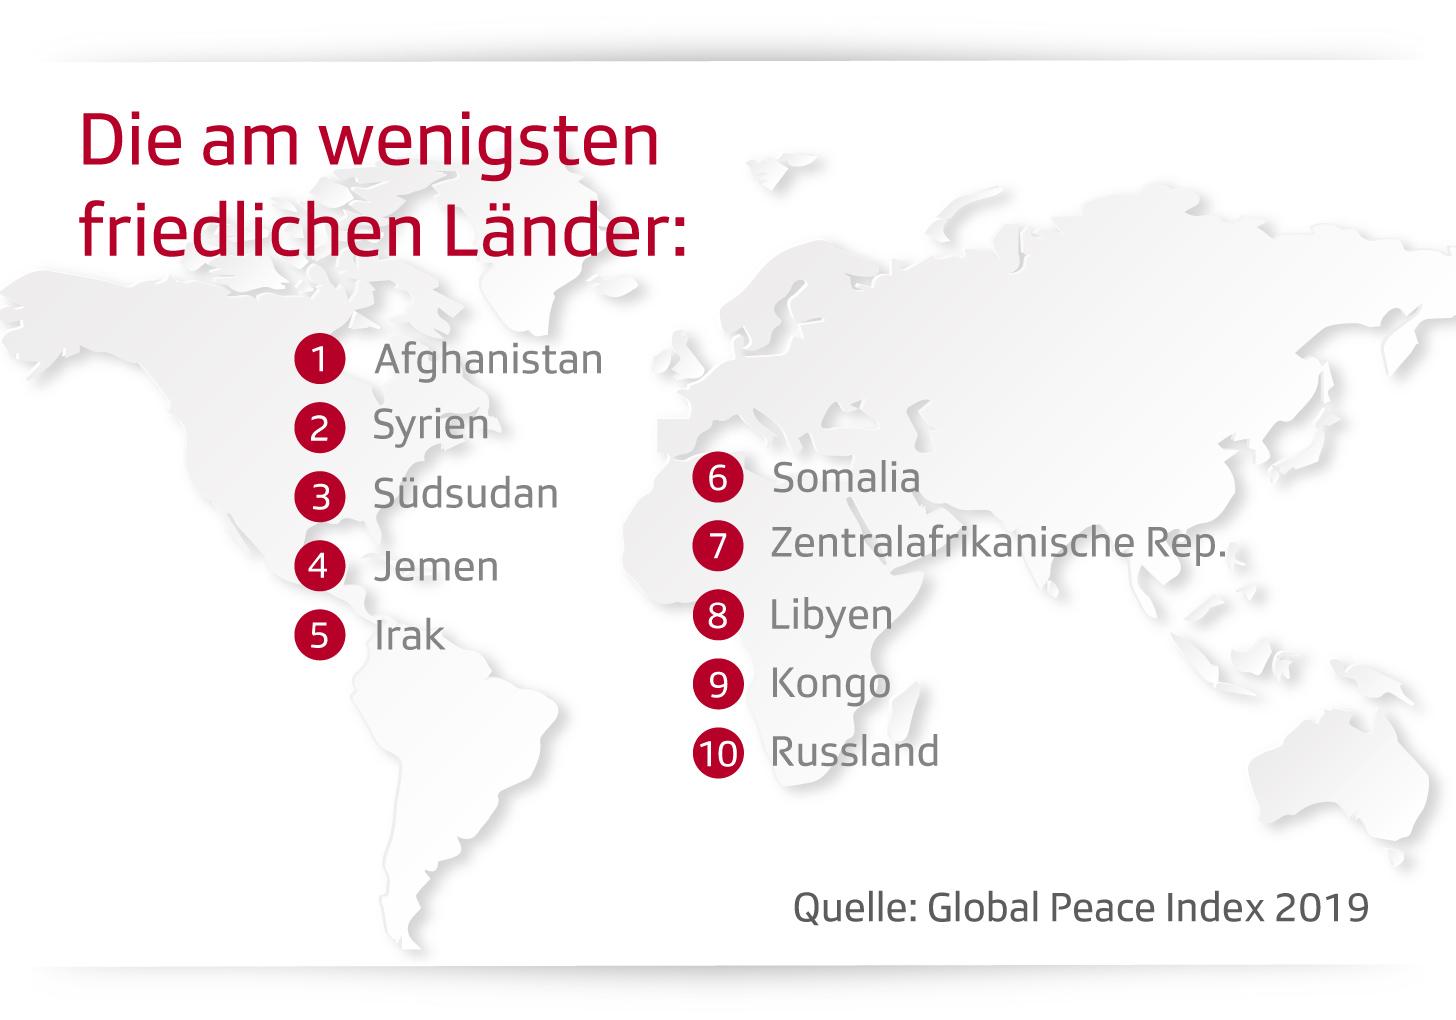 Grafik zeigt Liste der am wenigsten friedlichen Länder